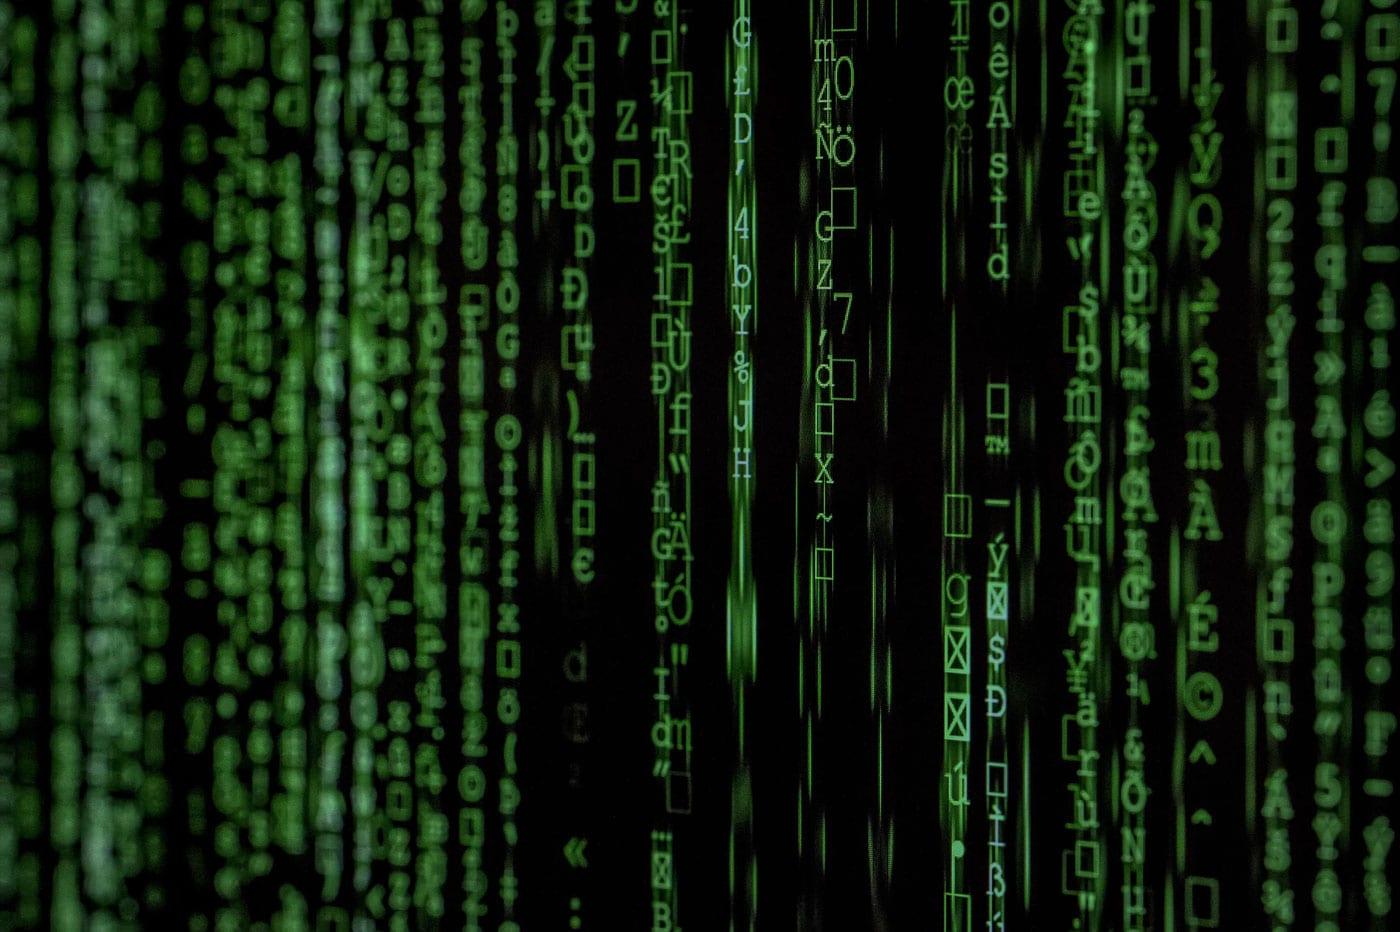 AKAMAI TECHNOLOGIES RECENSE LA DDOS LA PLUS IMPORTANTE SUR SA PLATEFORME